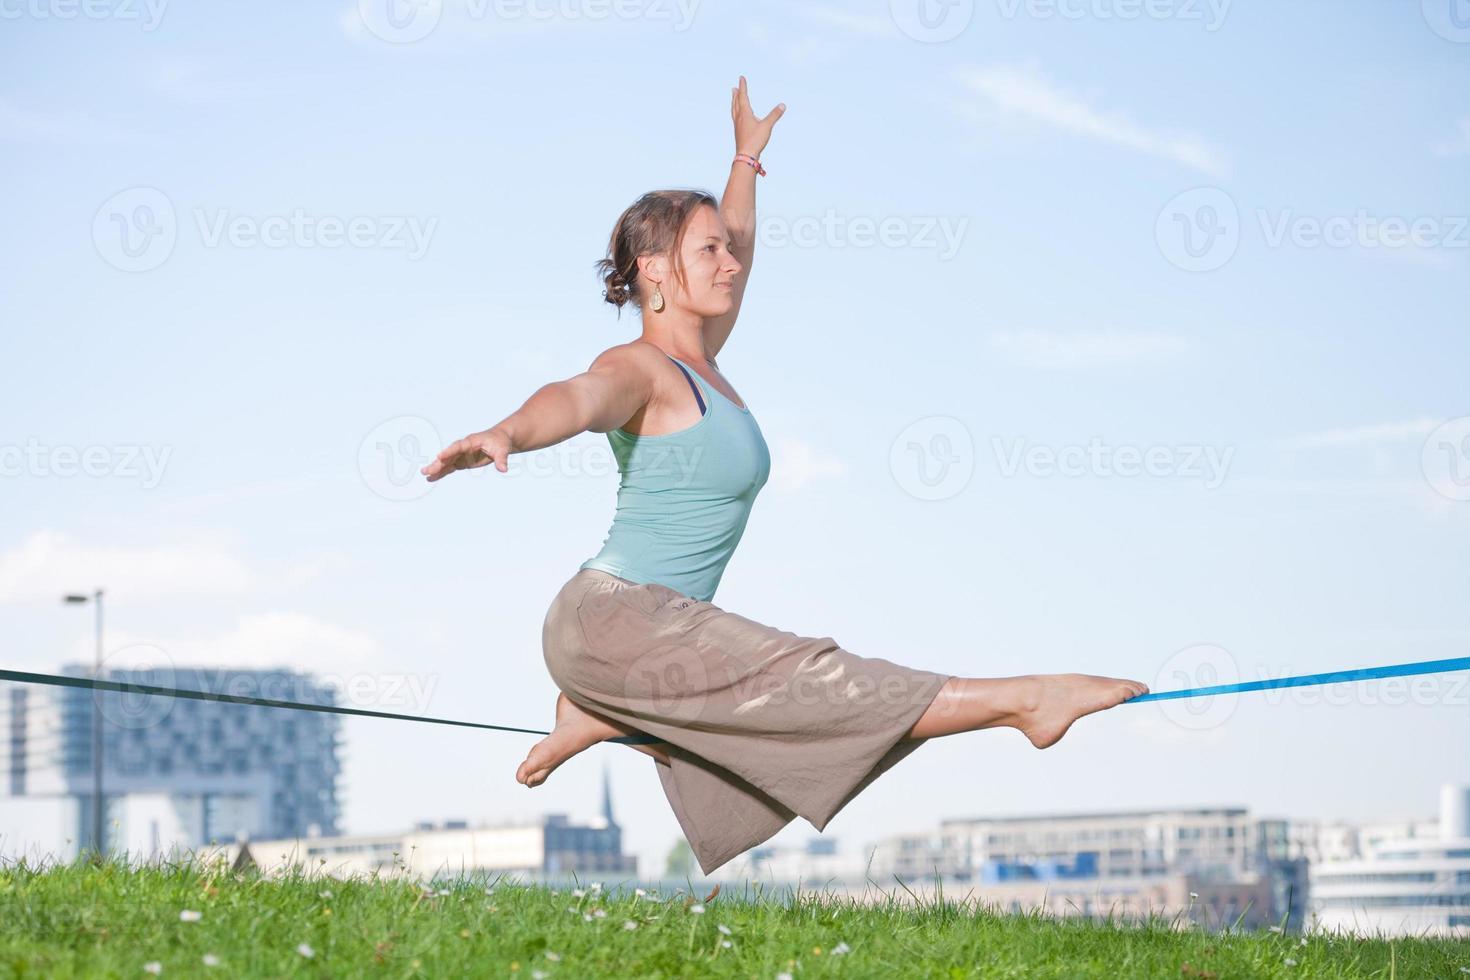 Slackline-Serie - junge Frau im Park foto